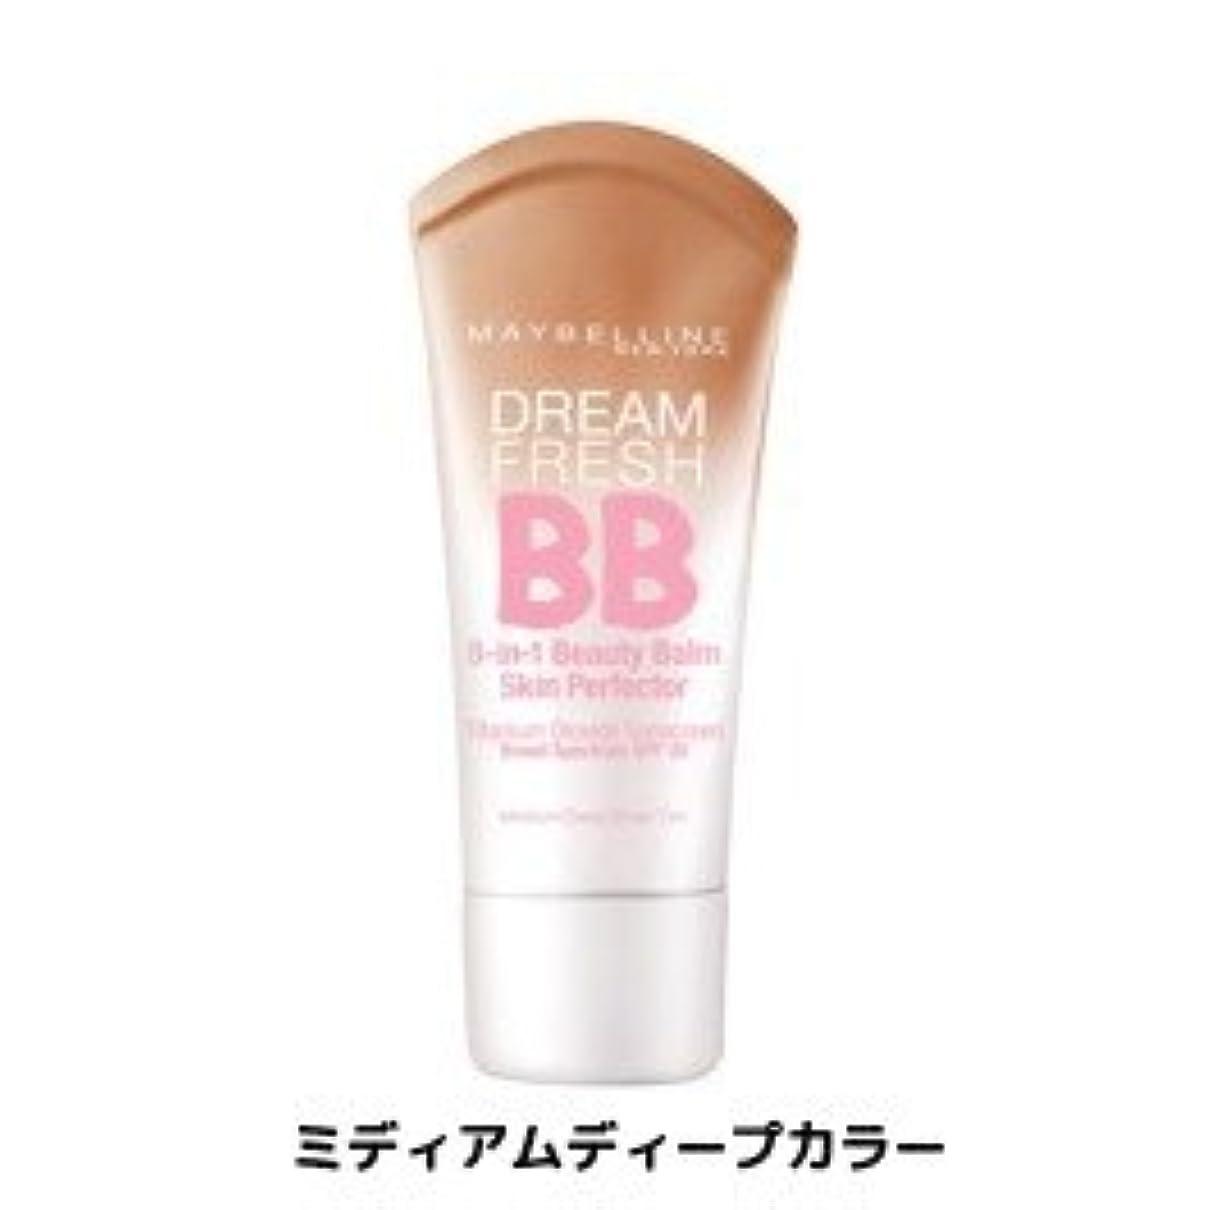 海港純正バルセロナメイベリン BBクリーム  SPF 30*Maybelline Dream Fresh BB Cream 30ml【平行輸入品】 (ミディアムディープカラー)